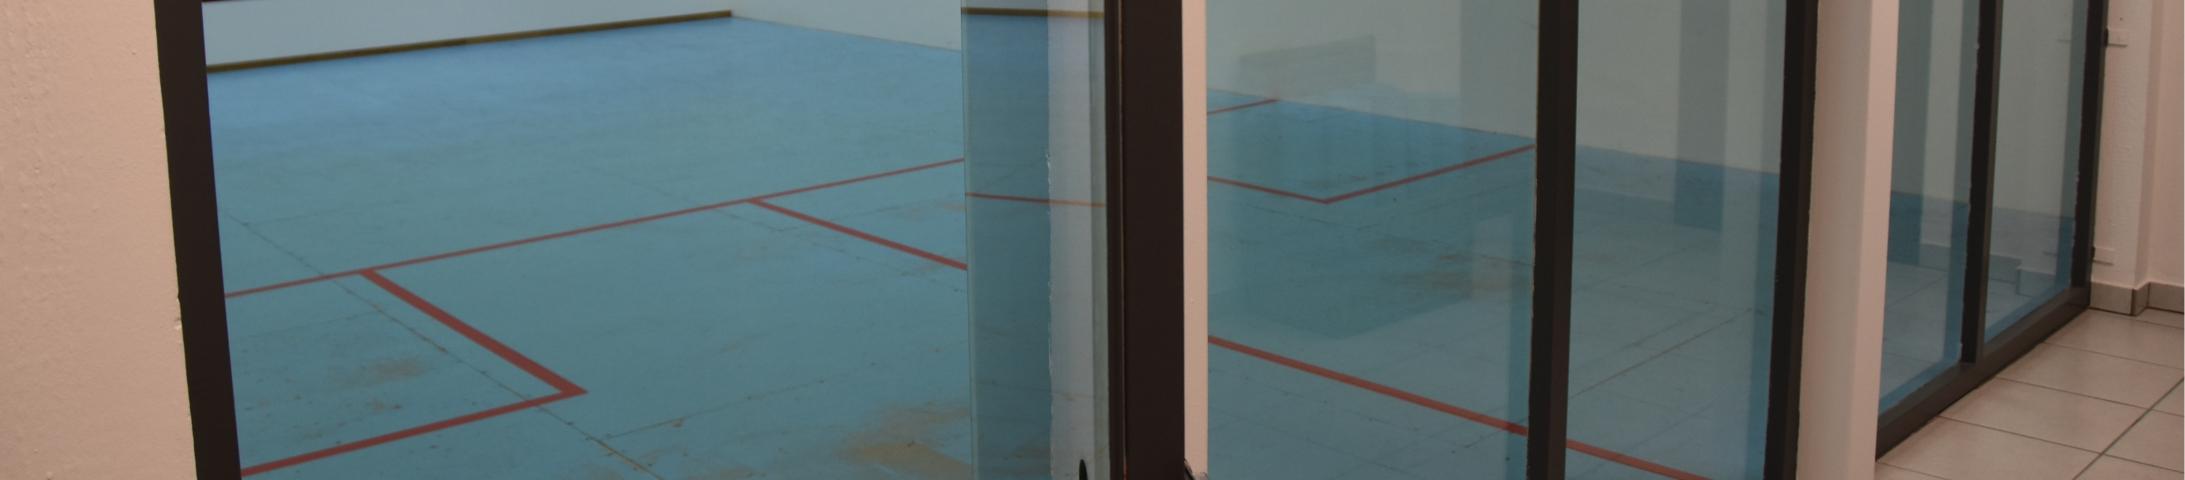 «Premier sous sol» réouverture du Squash au Communal